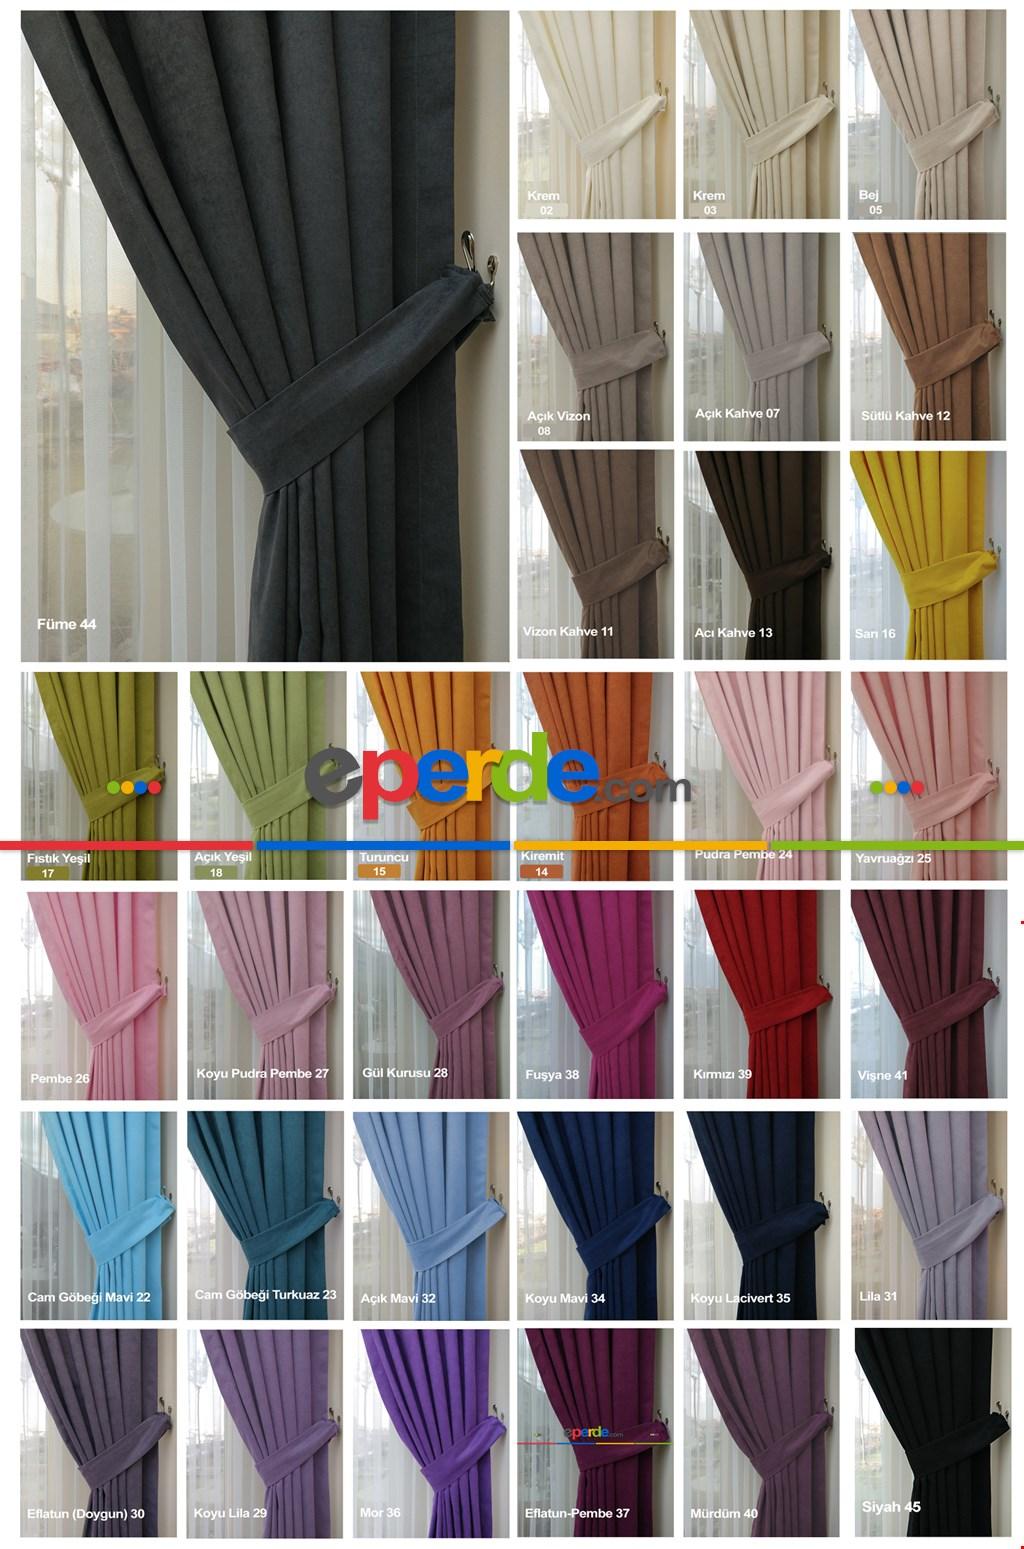 Düz Fon Perde 35 Renk